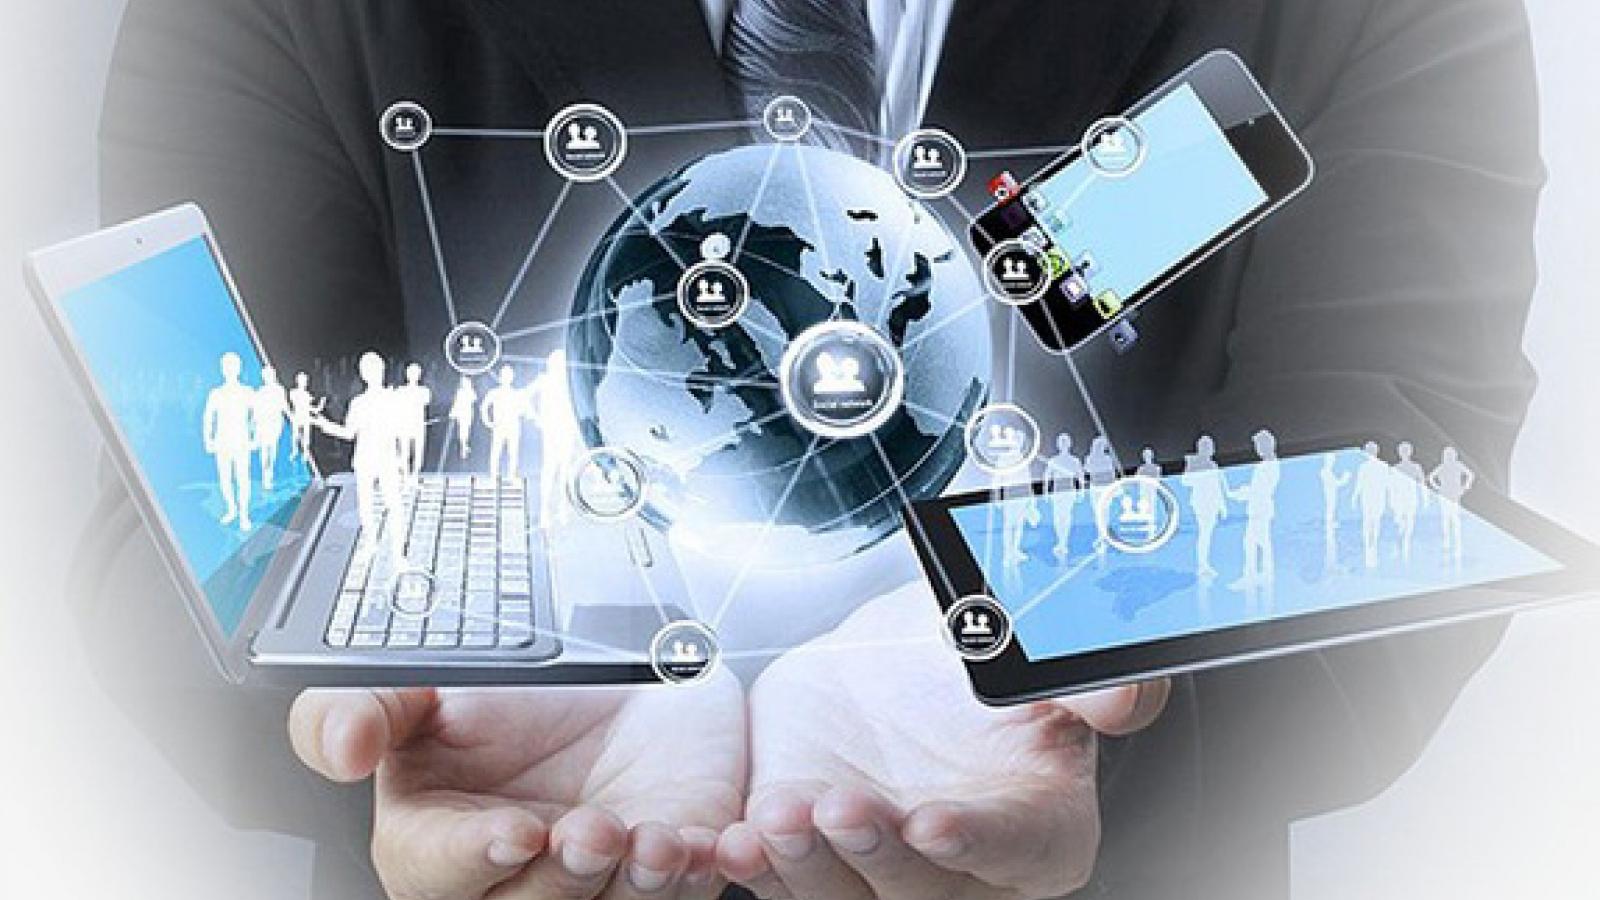 Chiến lược quốc gia về nghiên cứu, phát triển và ứng dụng trí tuệ nhân tạo